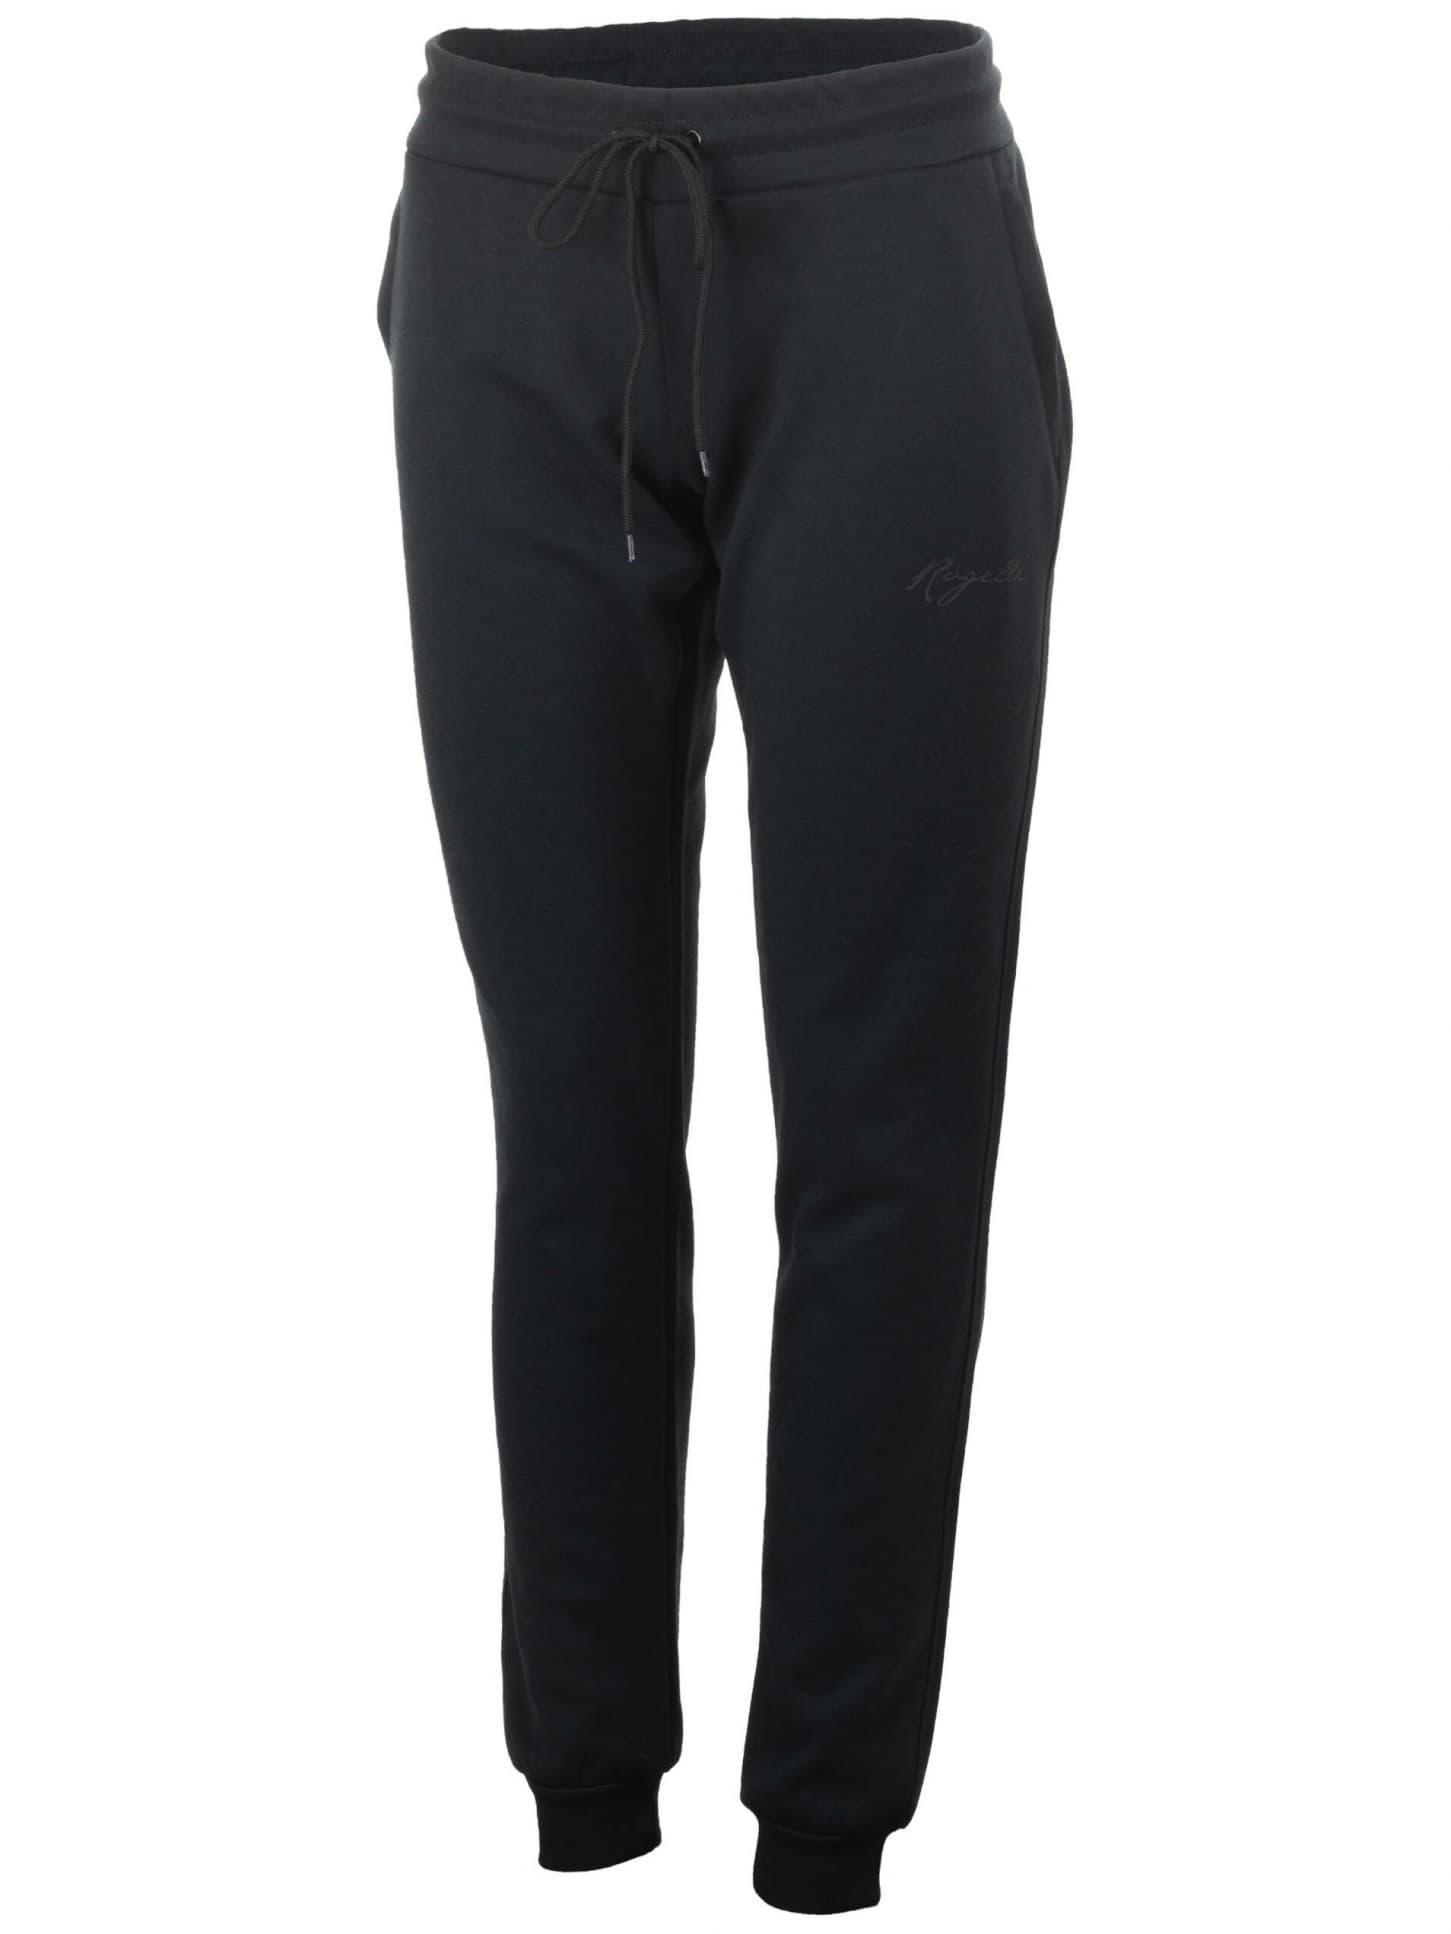 26bd2c9bea68 Dámské funkční kalhoty Rogelli TRAINING s volnějším střihem